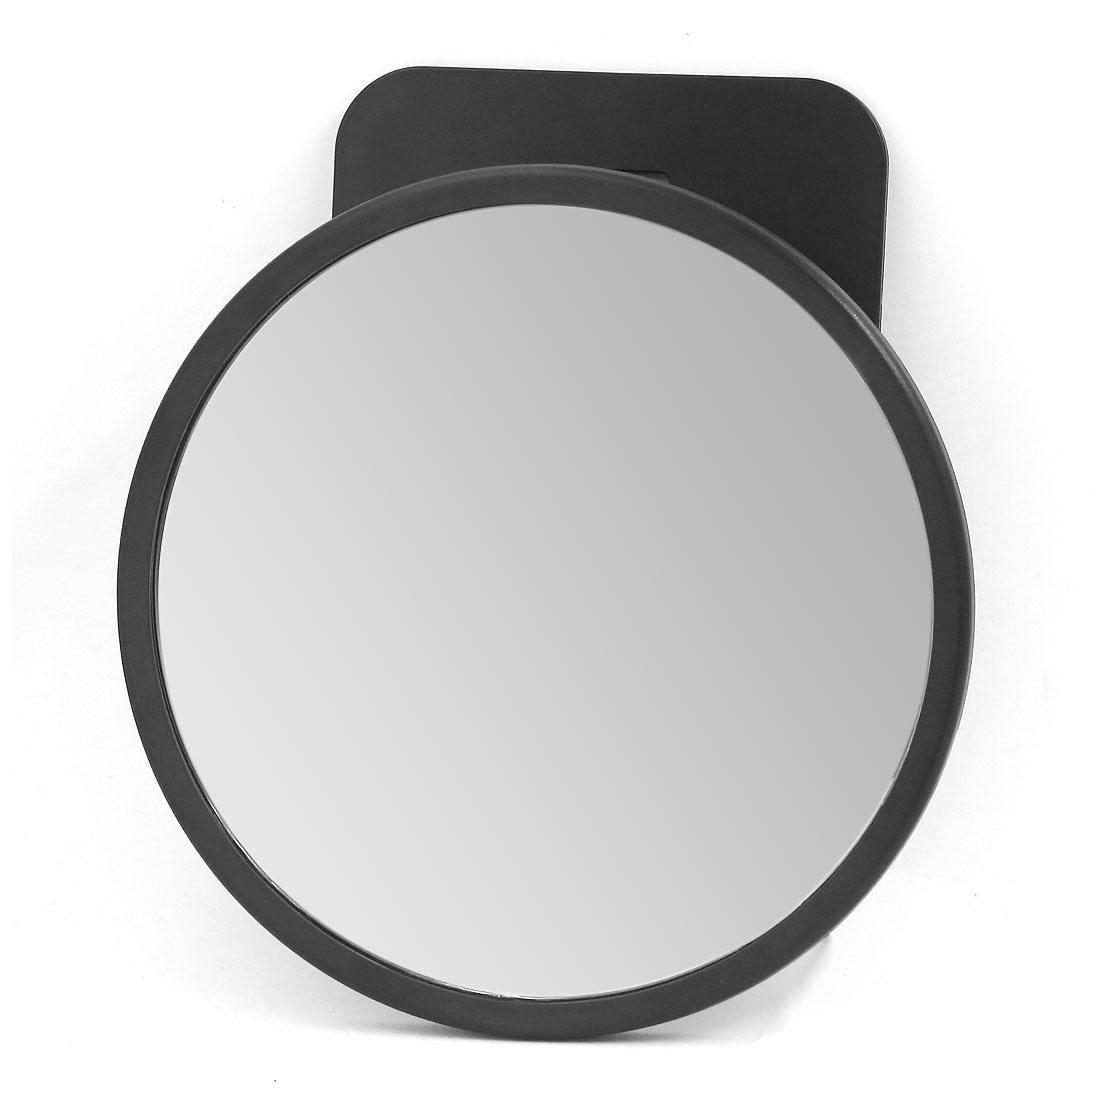 Universal Car round Adjustable Child Safety Baby Mirror Blind Spot Rear View Mirror